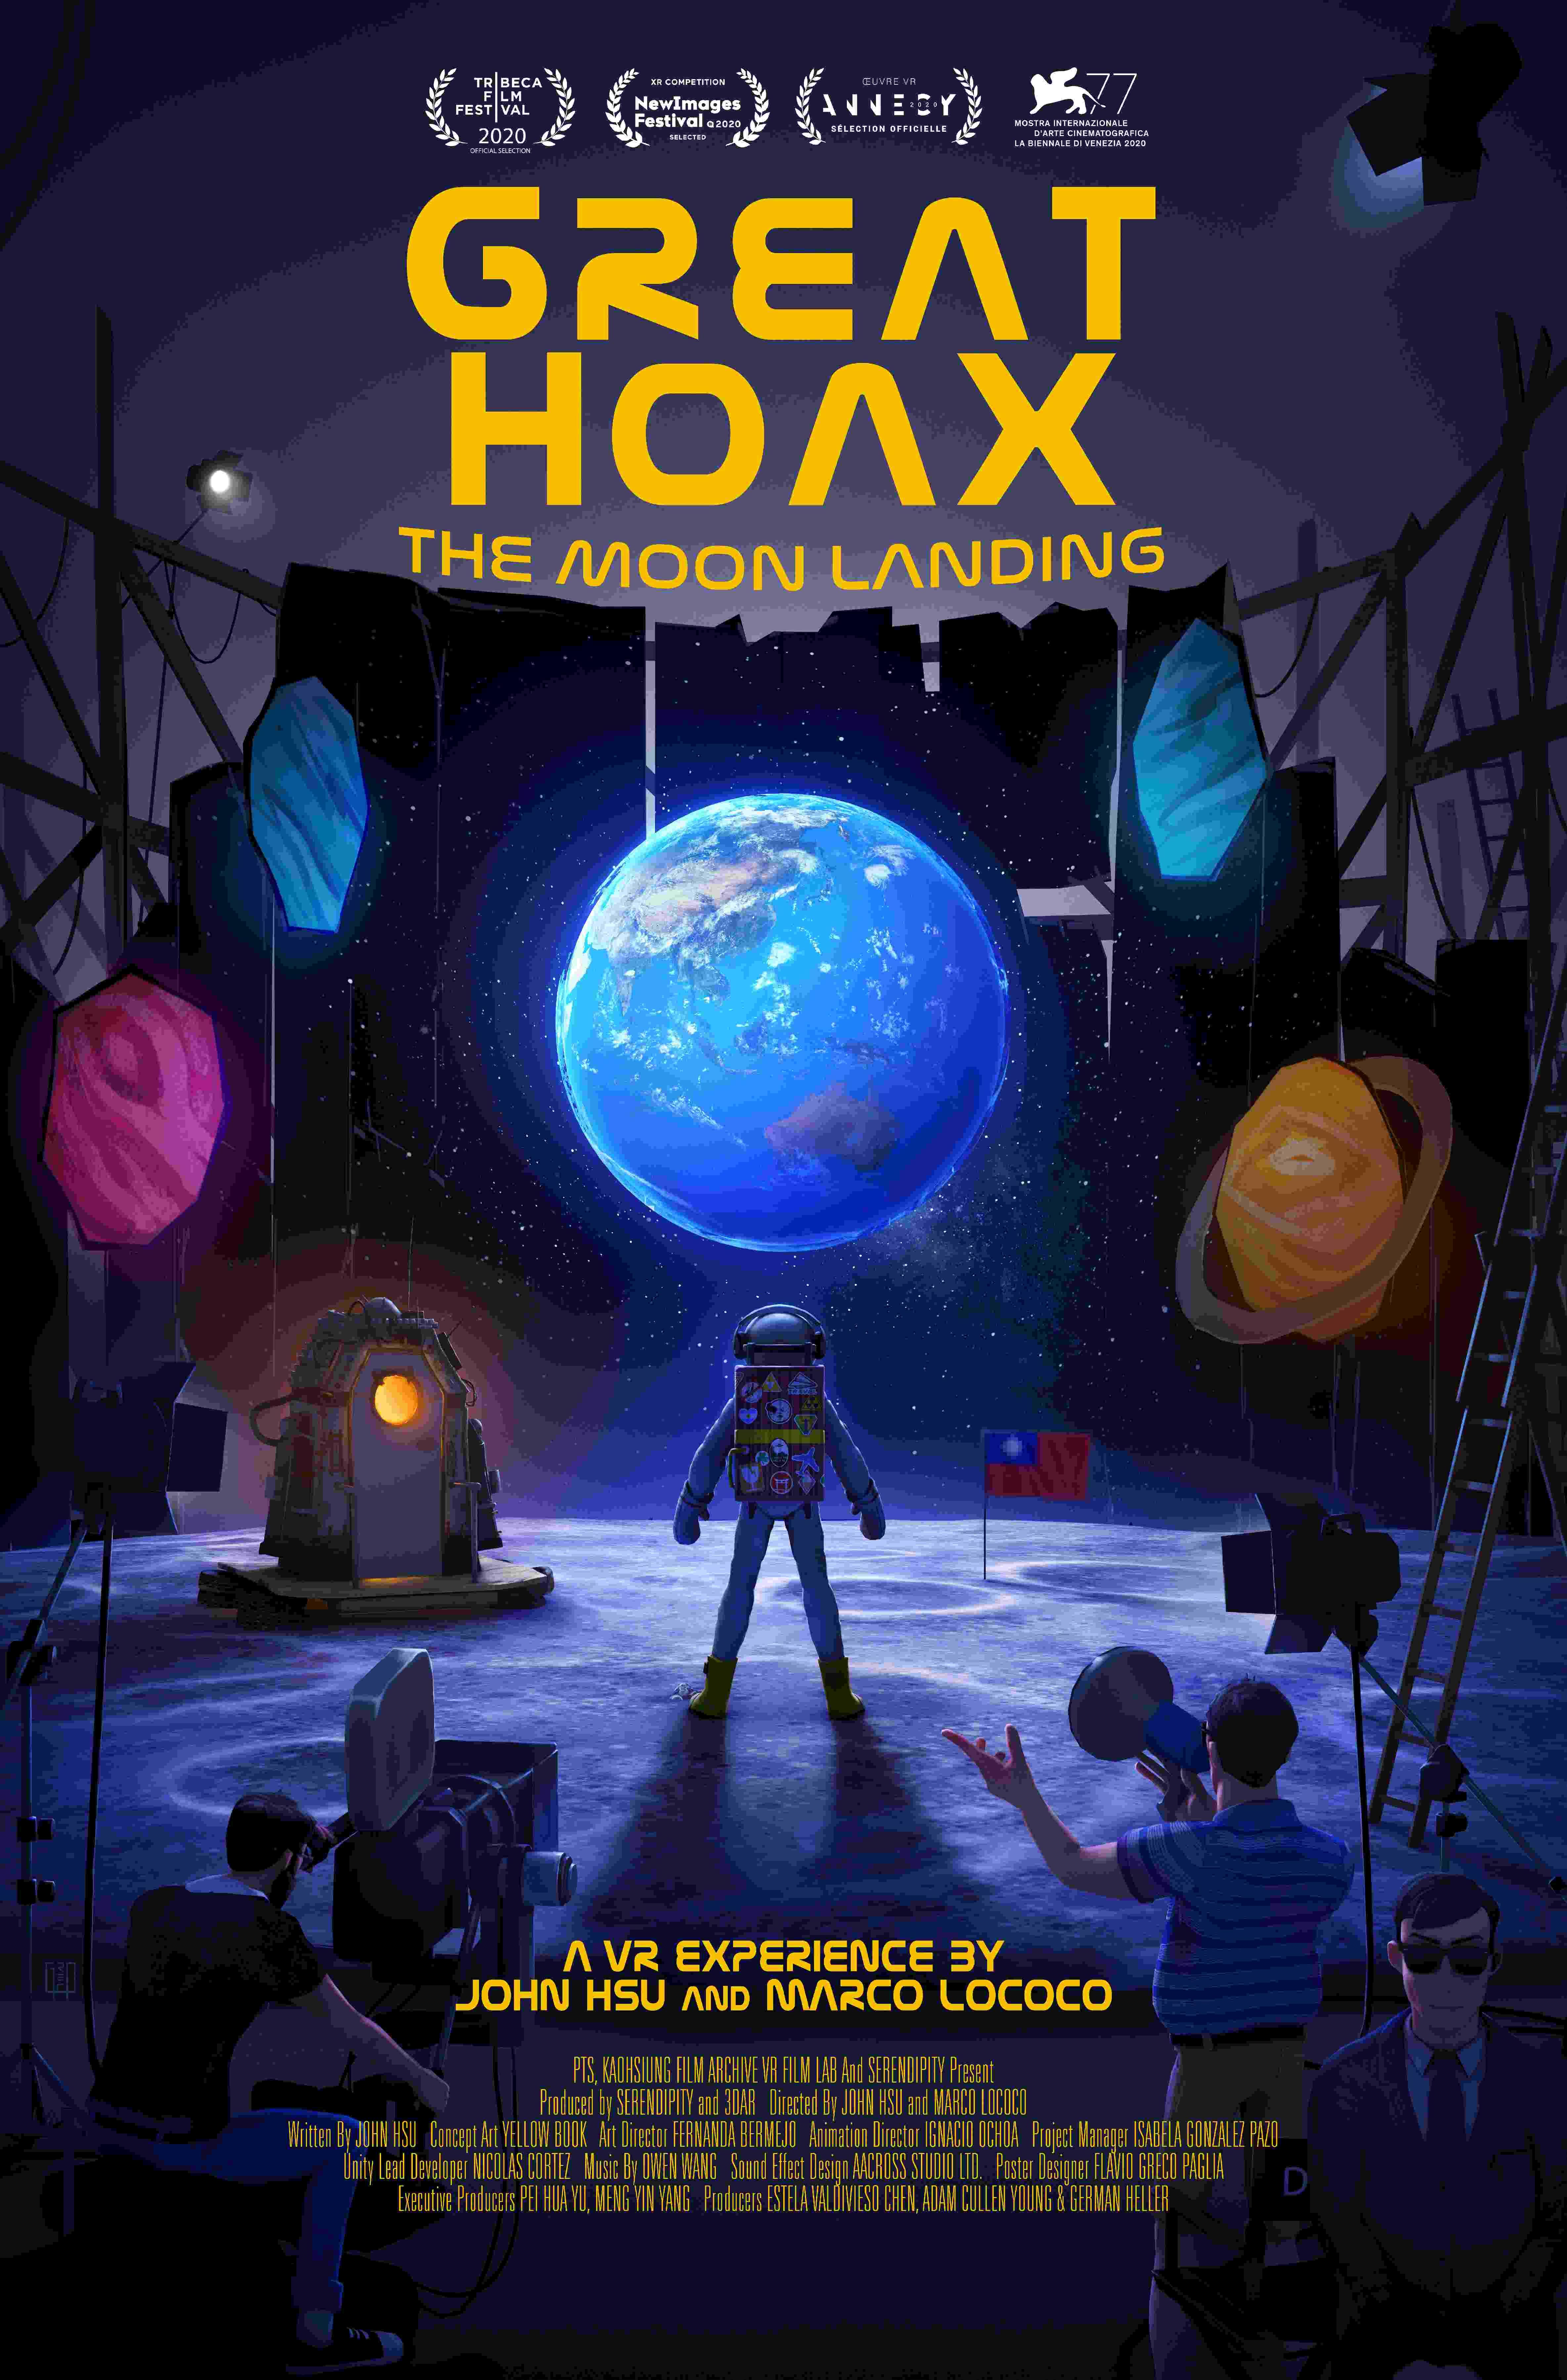 綺影映畫、希望行銷提供:《星際大騙局 之 登月計劃》國際版海報